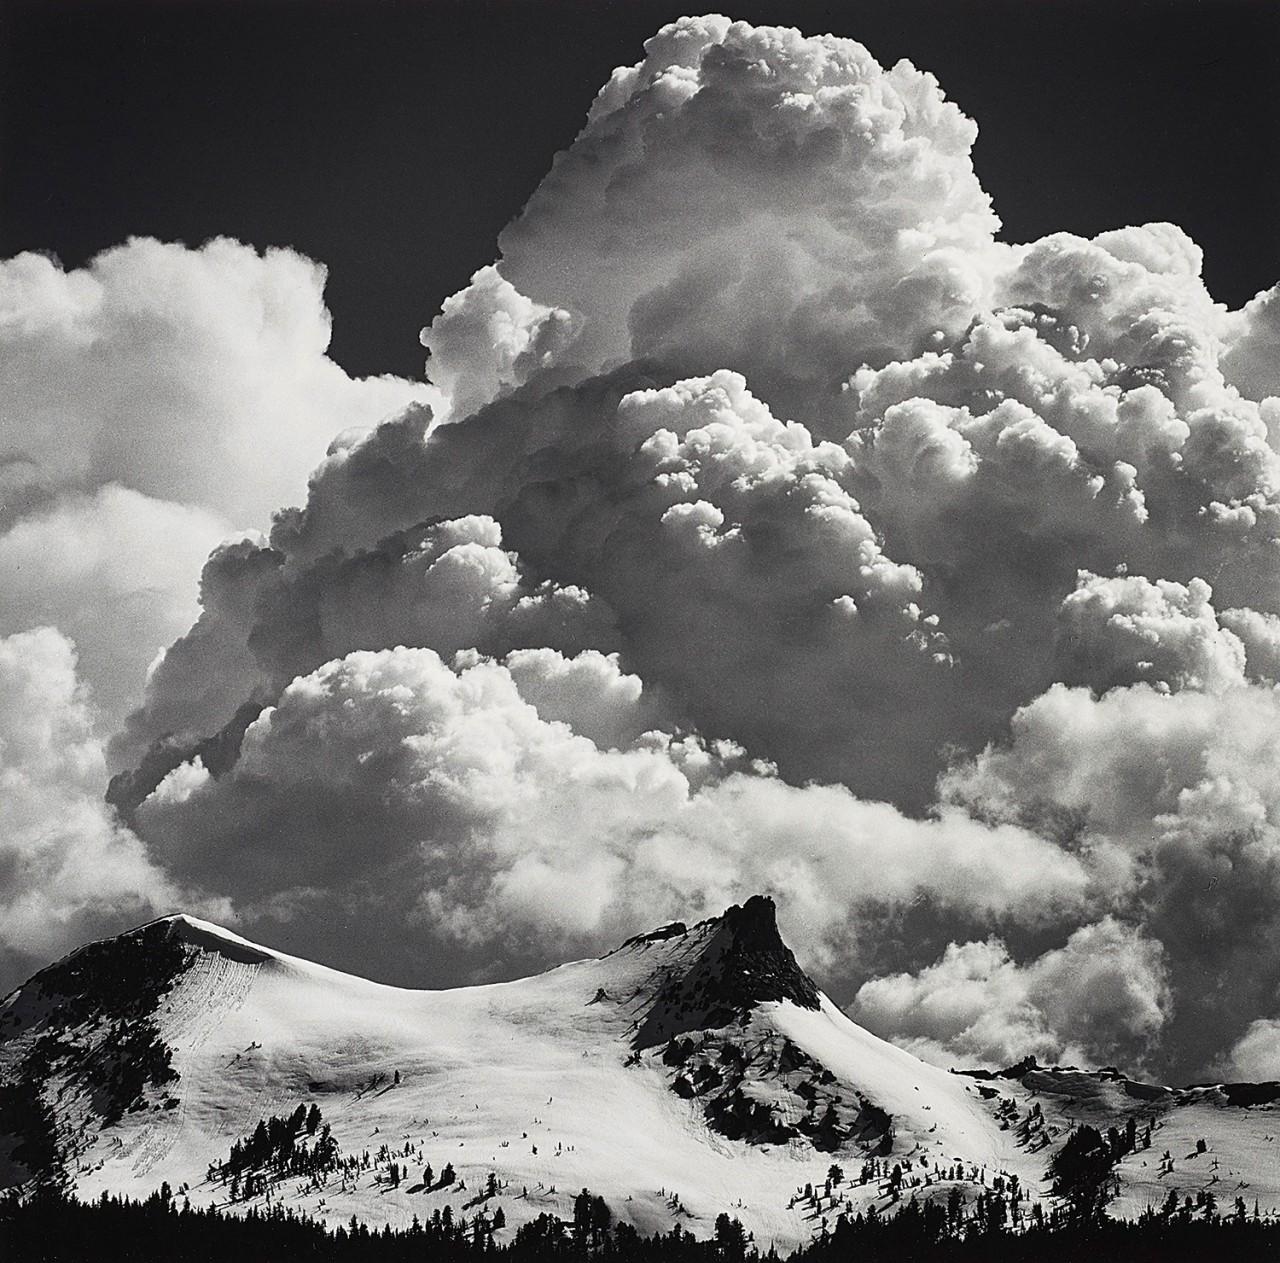 Грозовые облака, пик Единорога, национальный парк Йосемити, около 1967. Фотограф Энсел Адамс